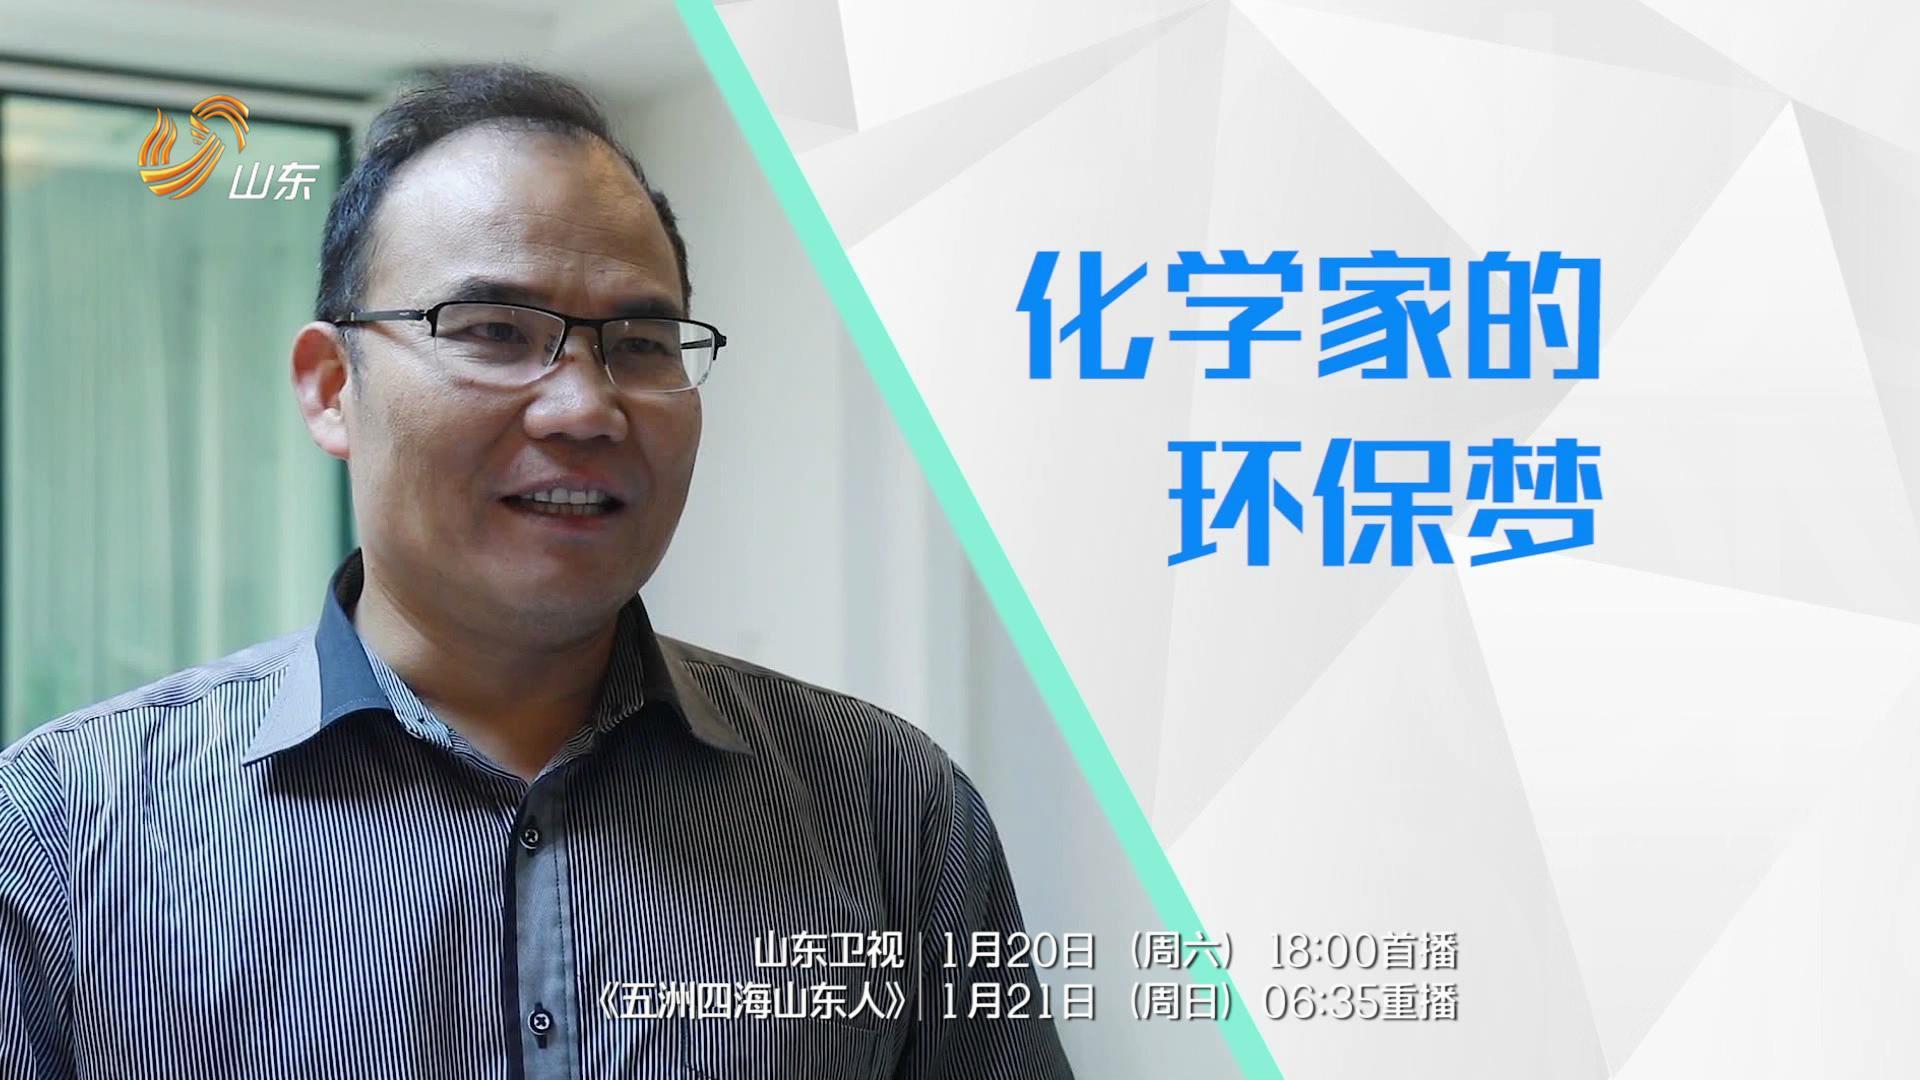 山东卫视明日播出纪录片《五洲四海山东人——化学家的环保梦》